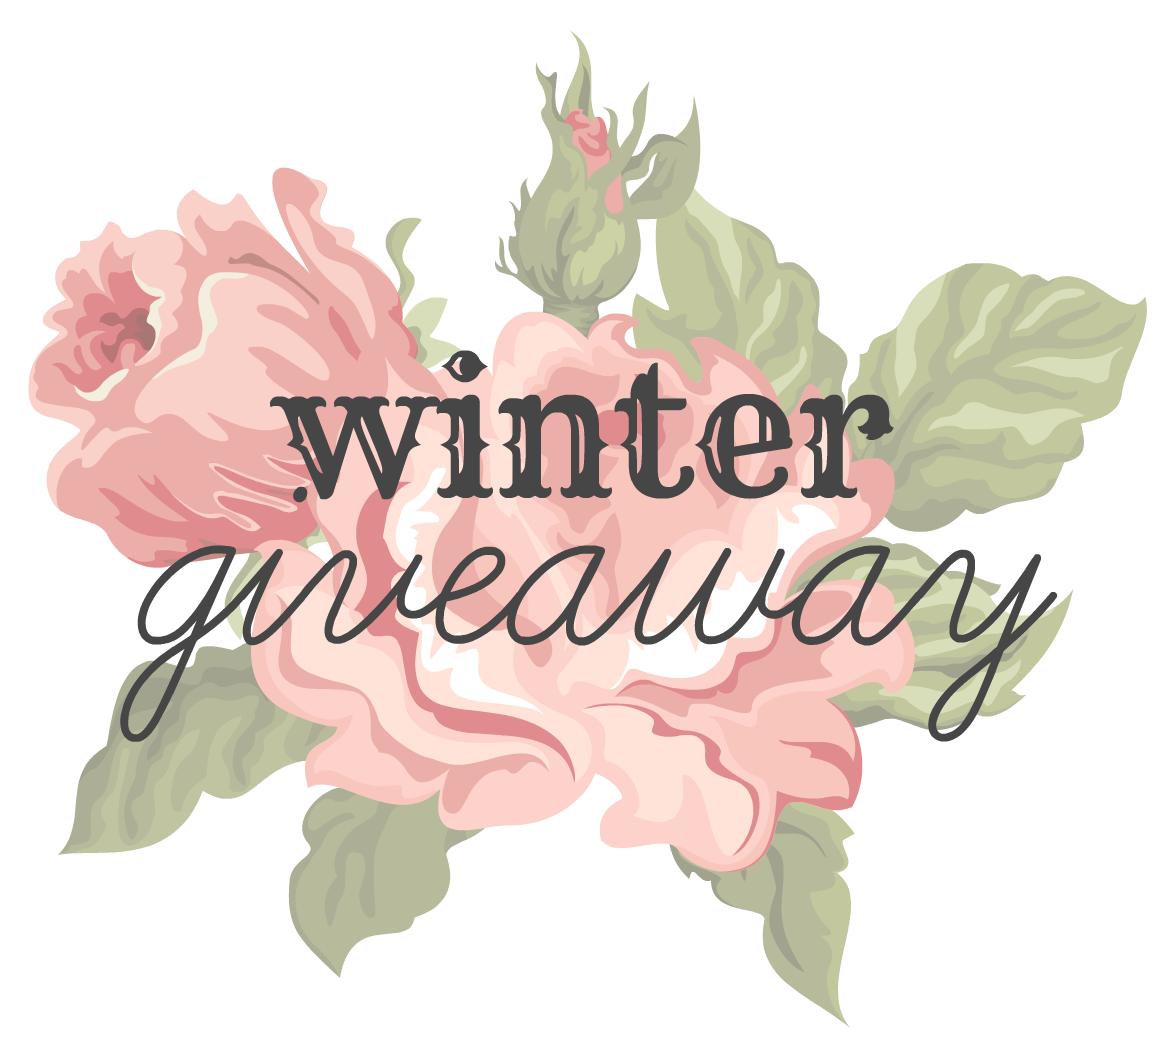 http://www.livealittlewilderblog.com/2014/01/winter-giveaway.html